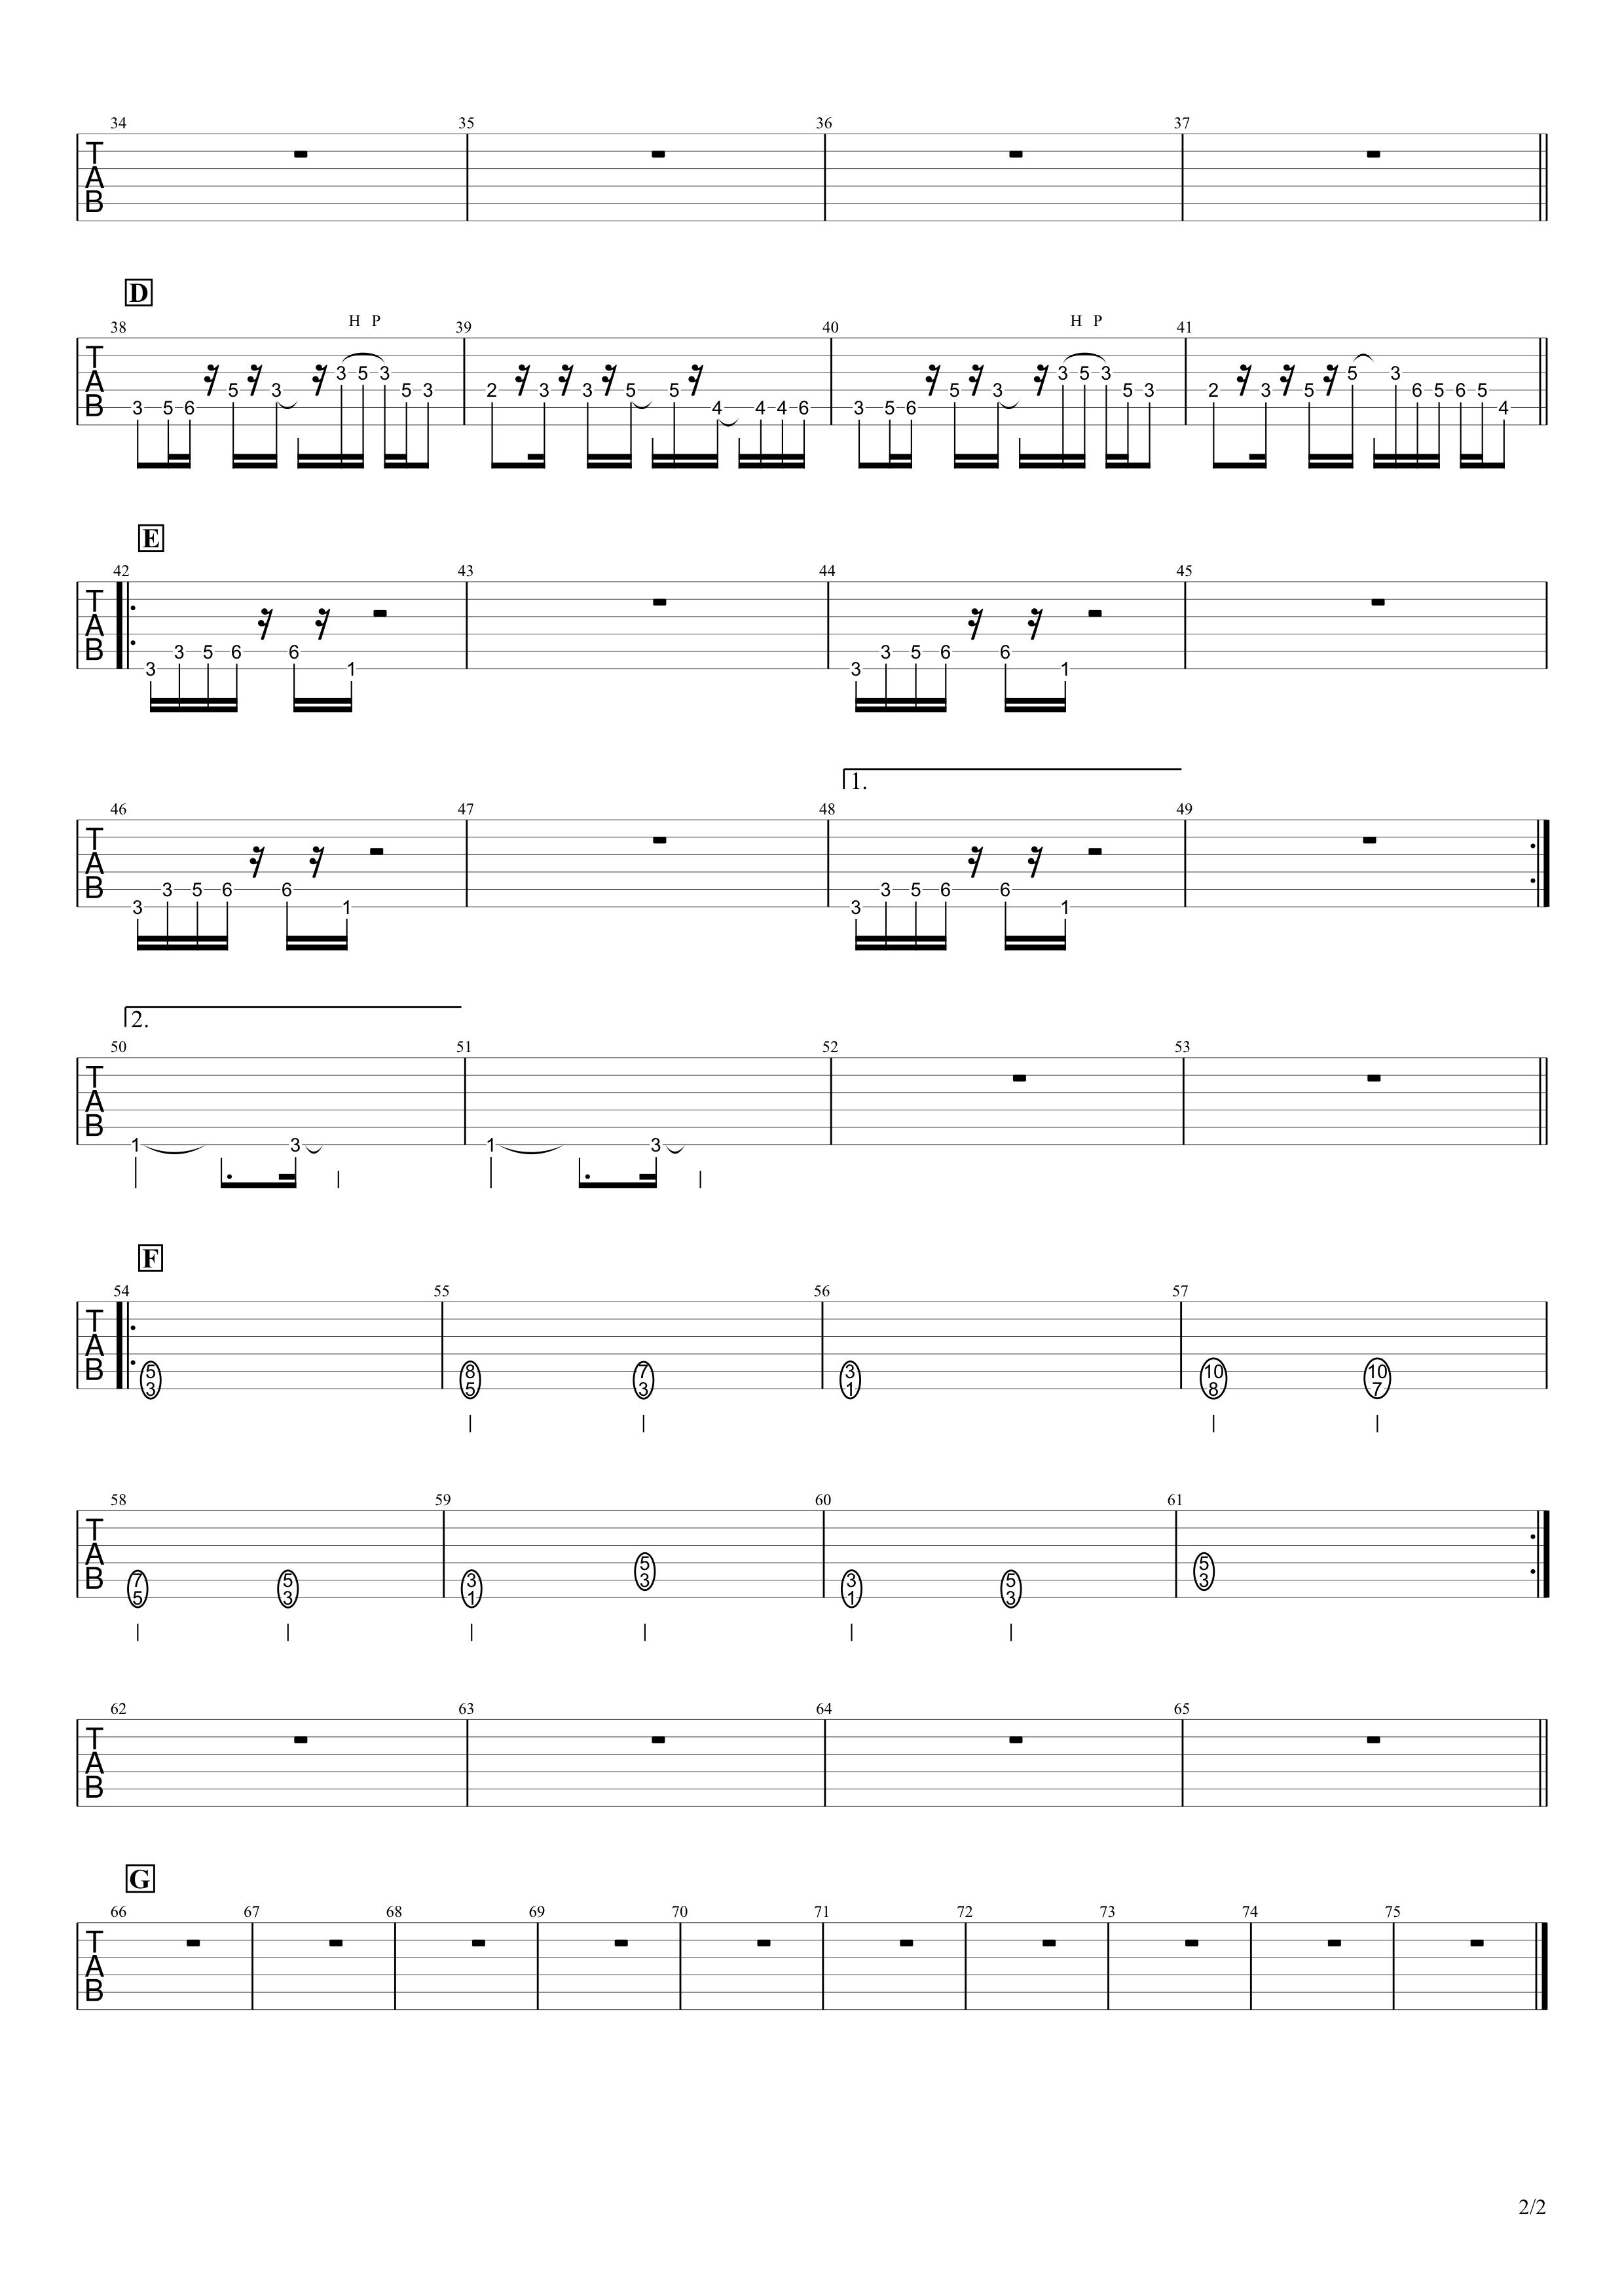 迷える羊/米津玄師 ギタータブ譜 イントロリードギター完コピVer.02